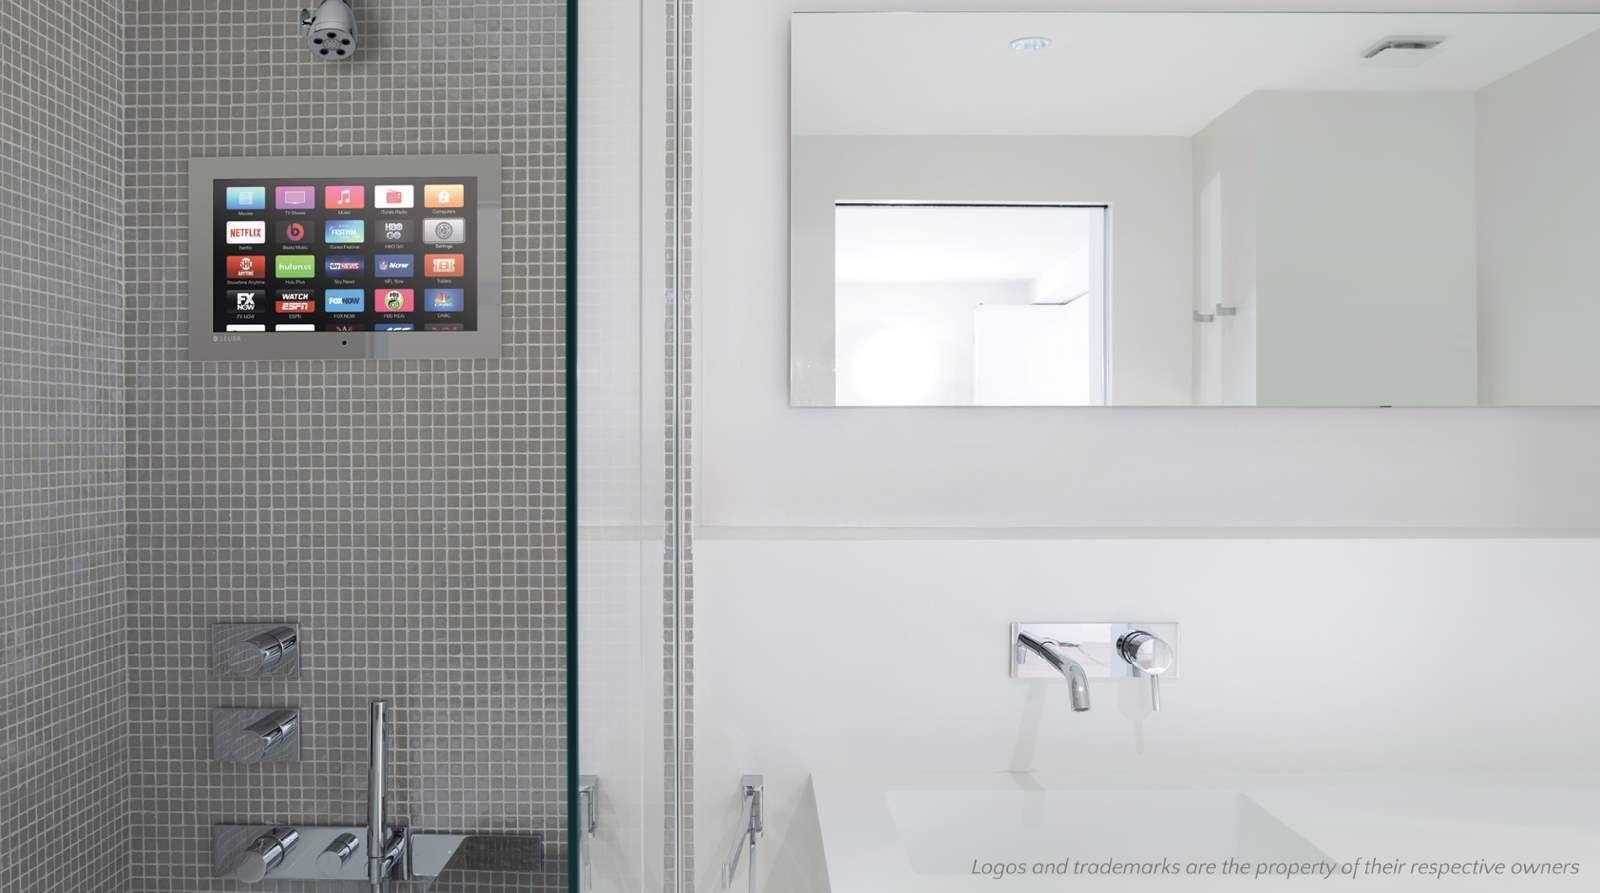 Gray Tiled Shower Waterproof Tv Gray Shower Tile Shower Tvs